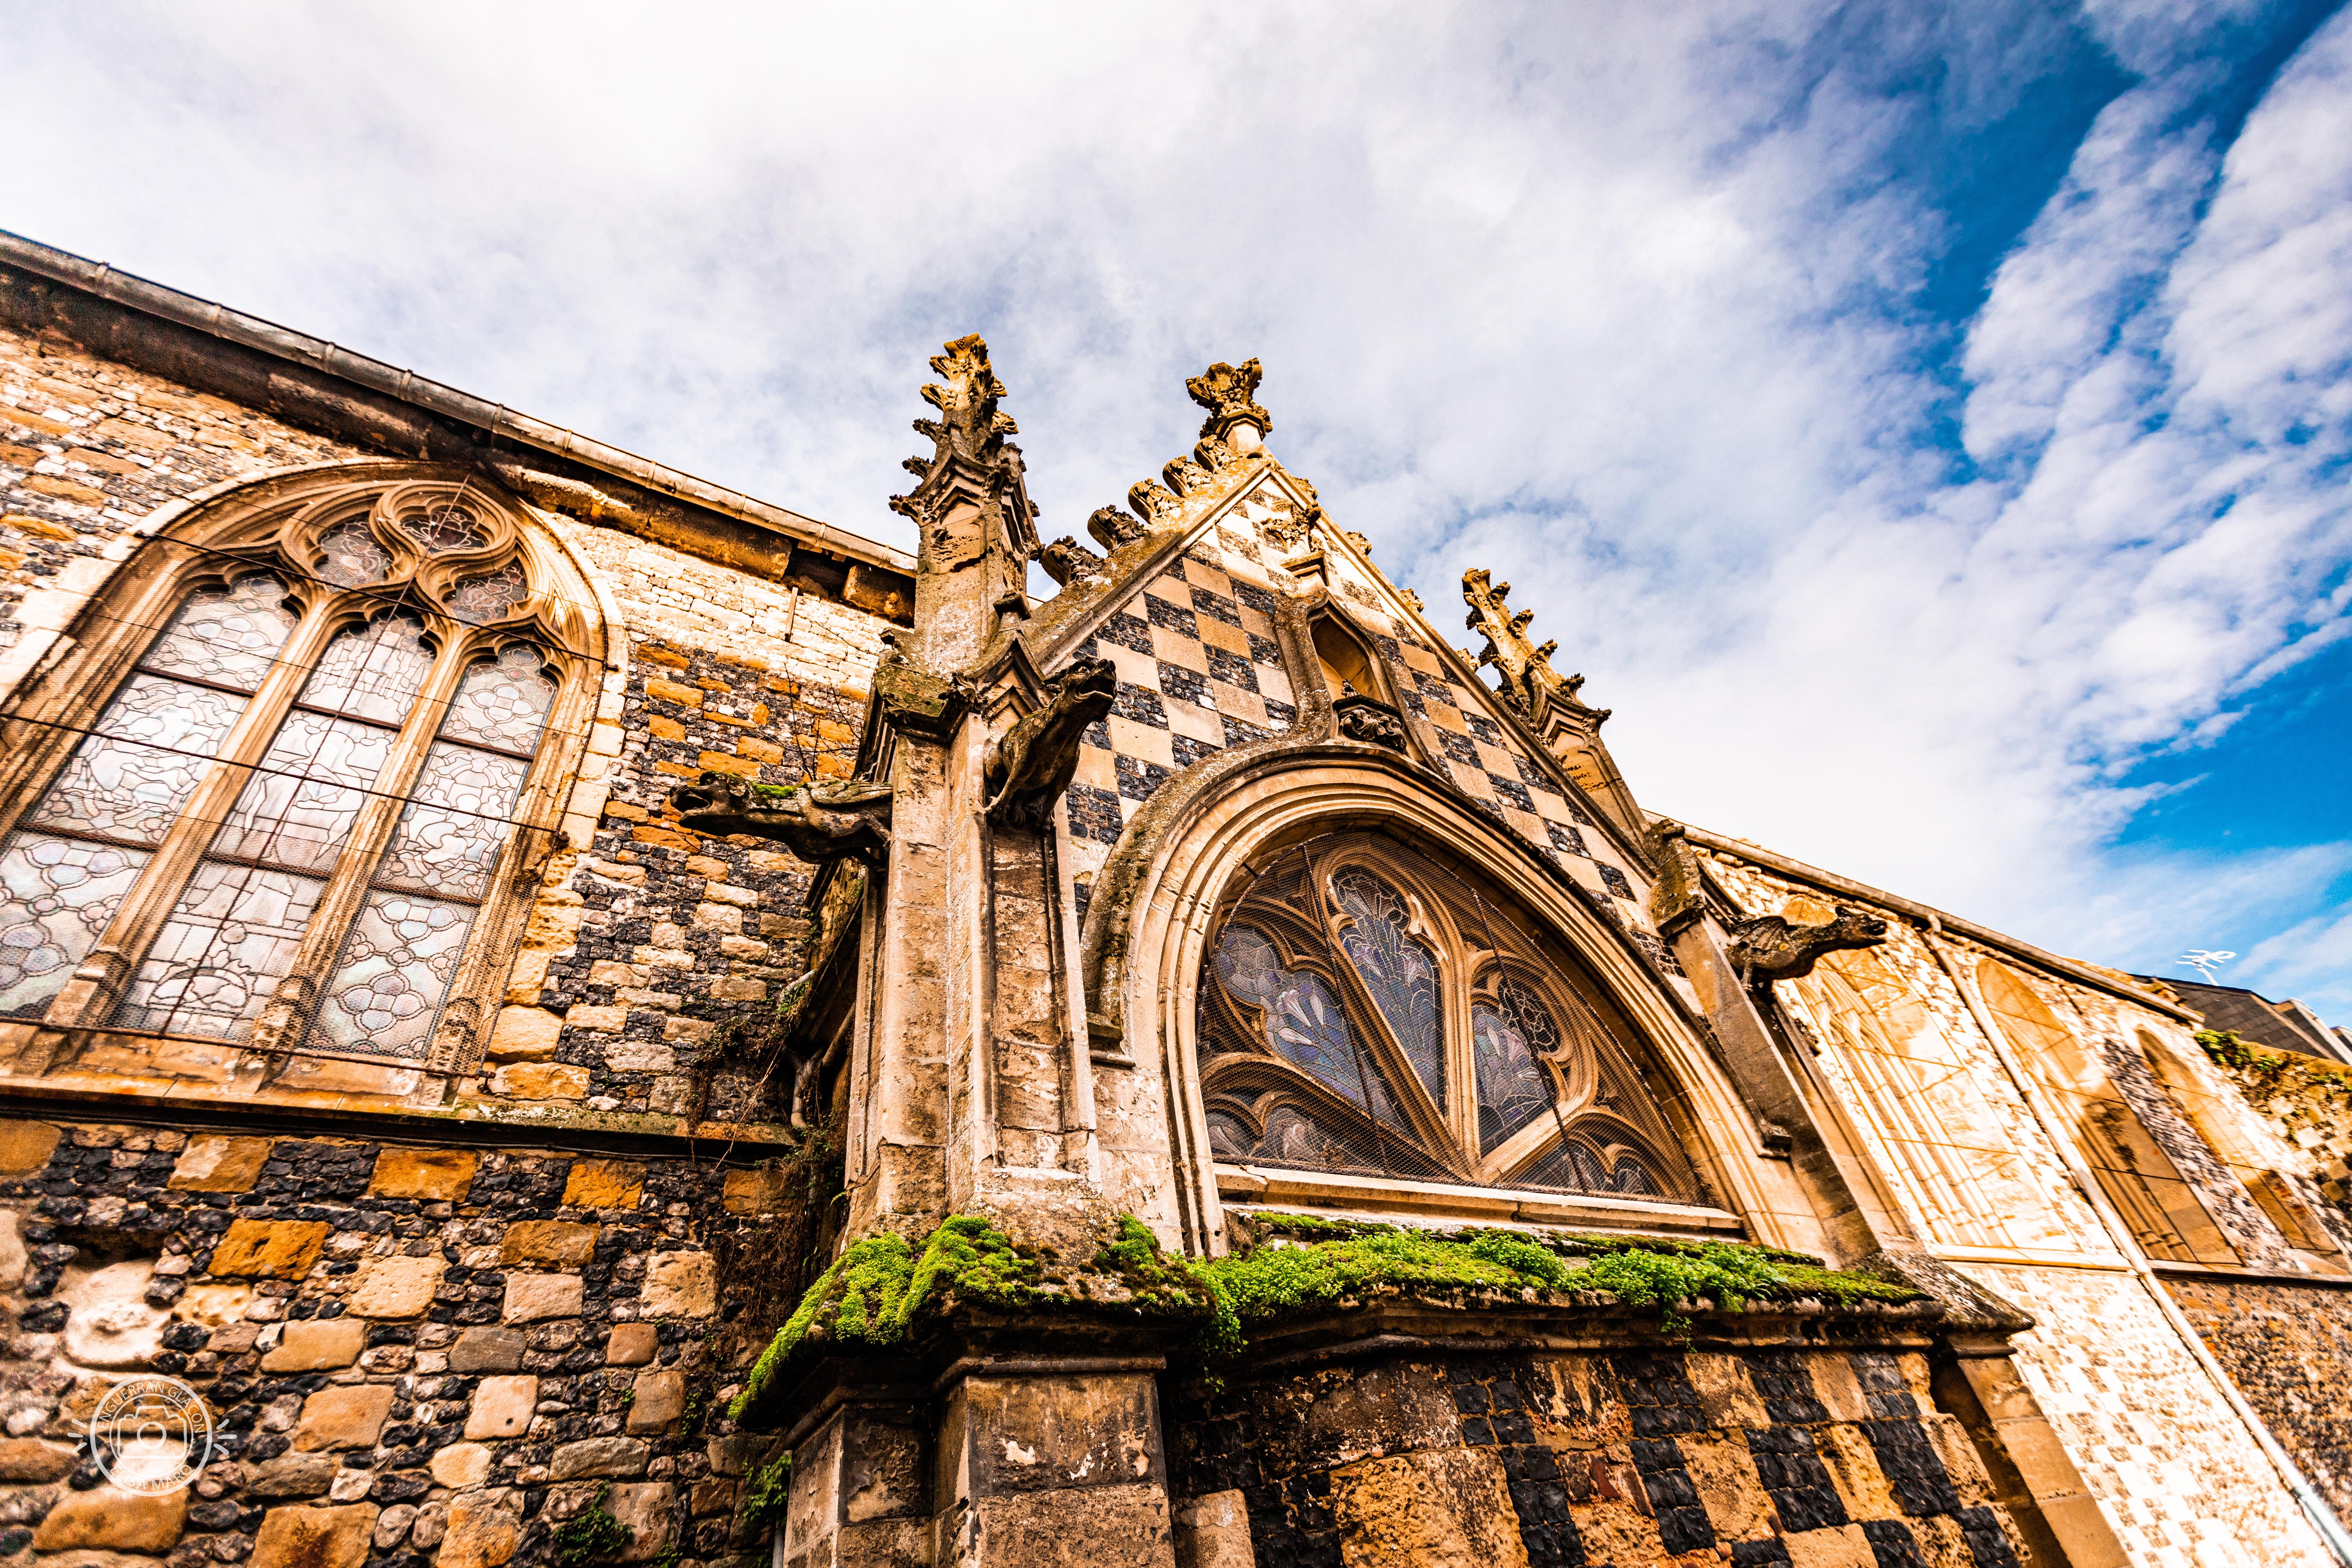 Vitraux de Saint-Martin n°1 - St Valery sur Somme